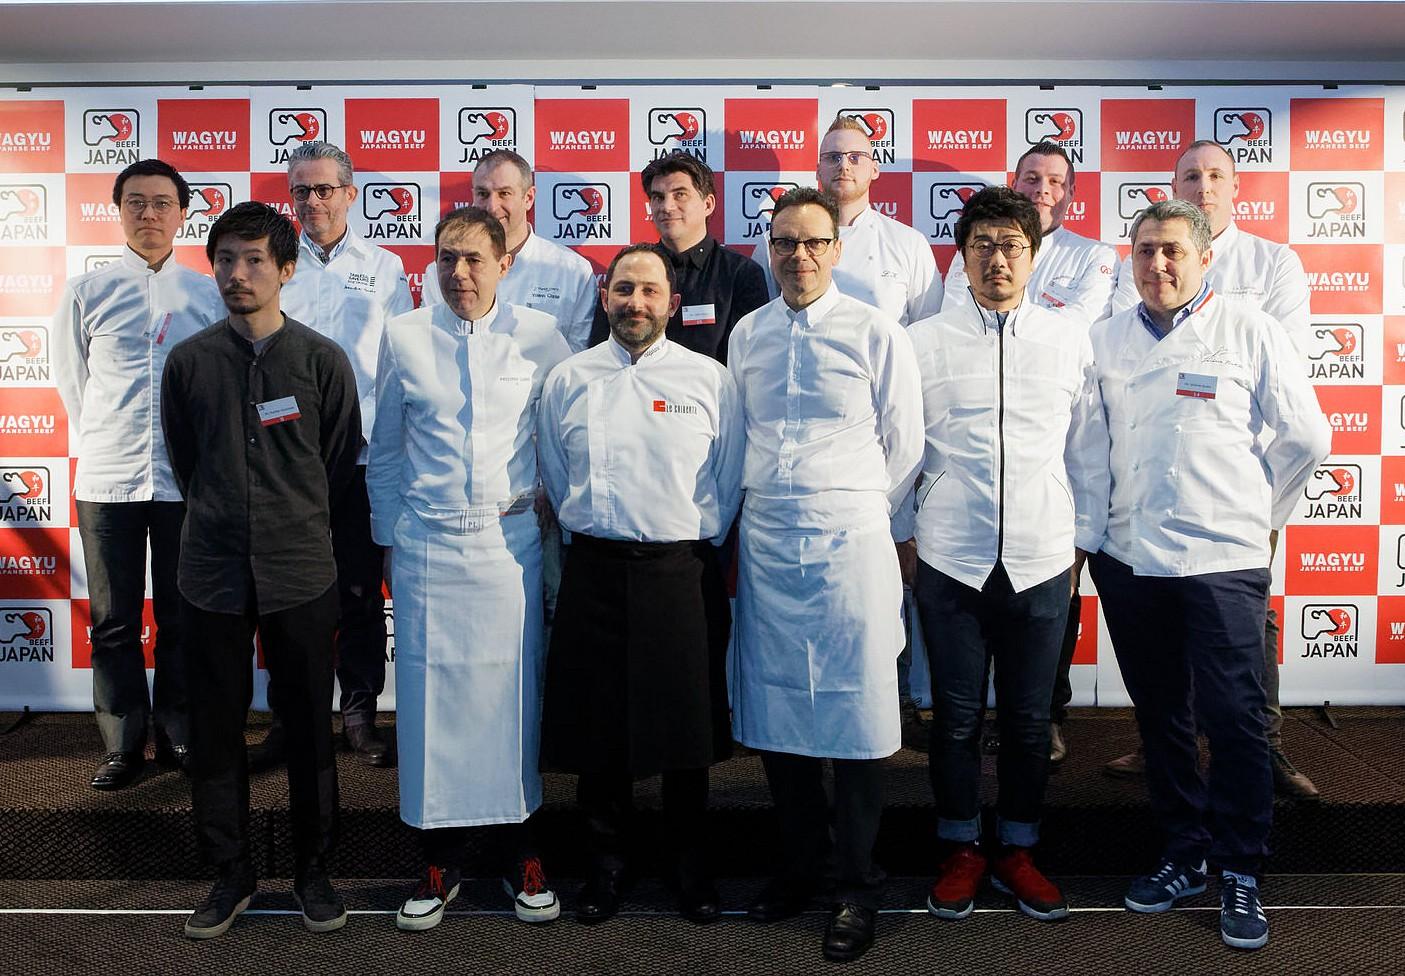 Les chefs français amateurs du Wagyu ©DR